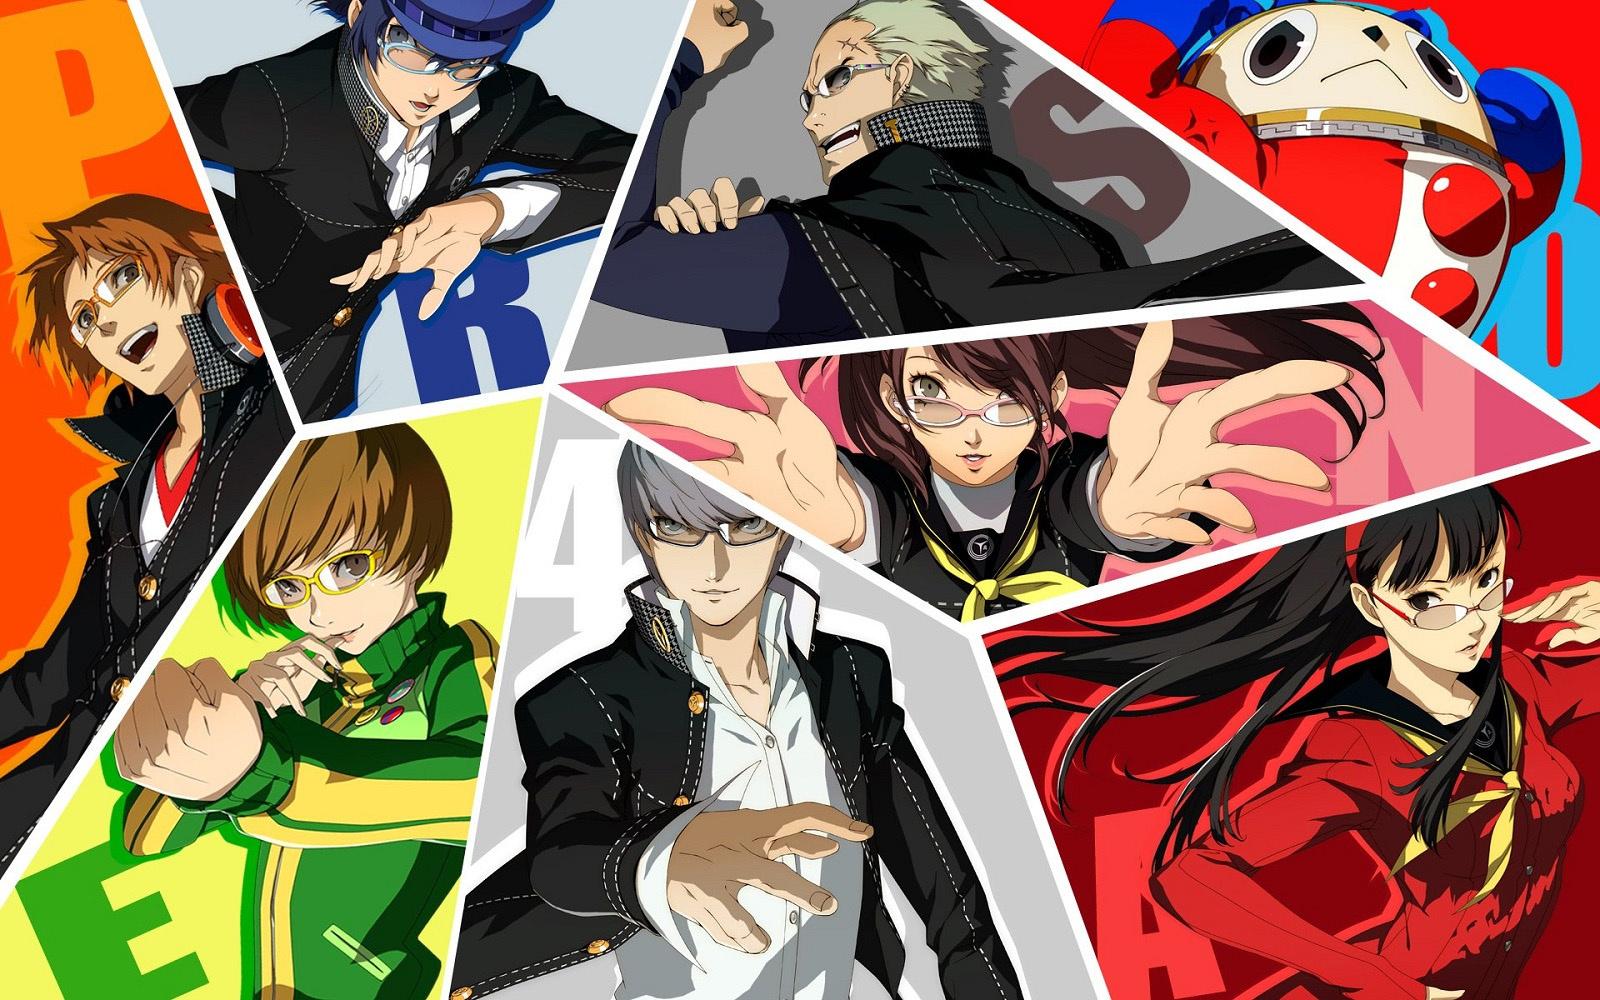 Persona 4 Golden на PC. Почему порт старой японской RPG вышел в топы продаж Steam?